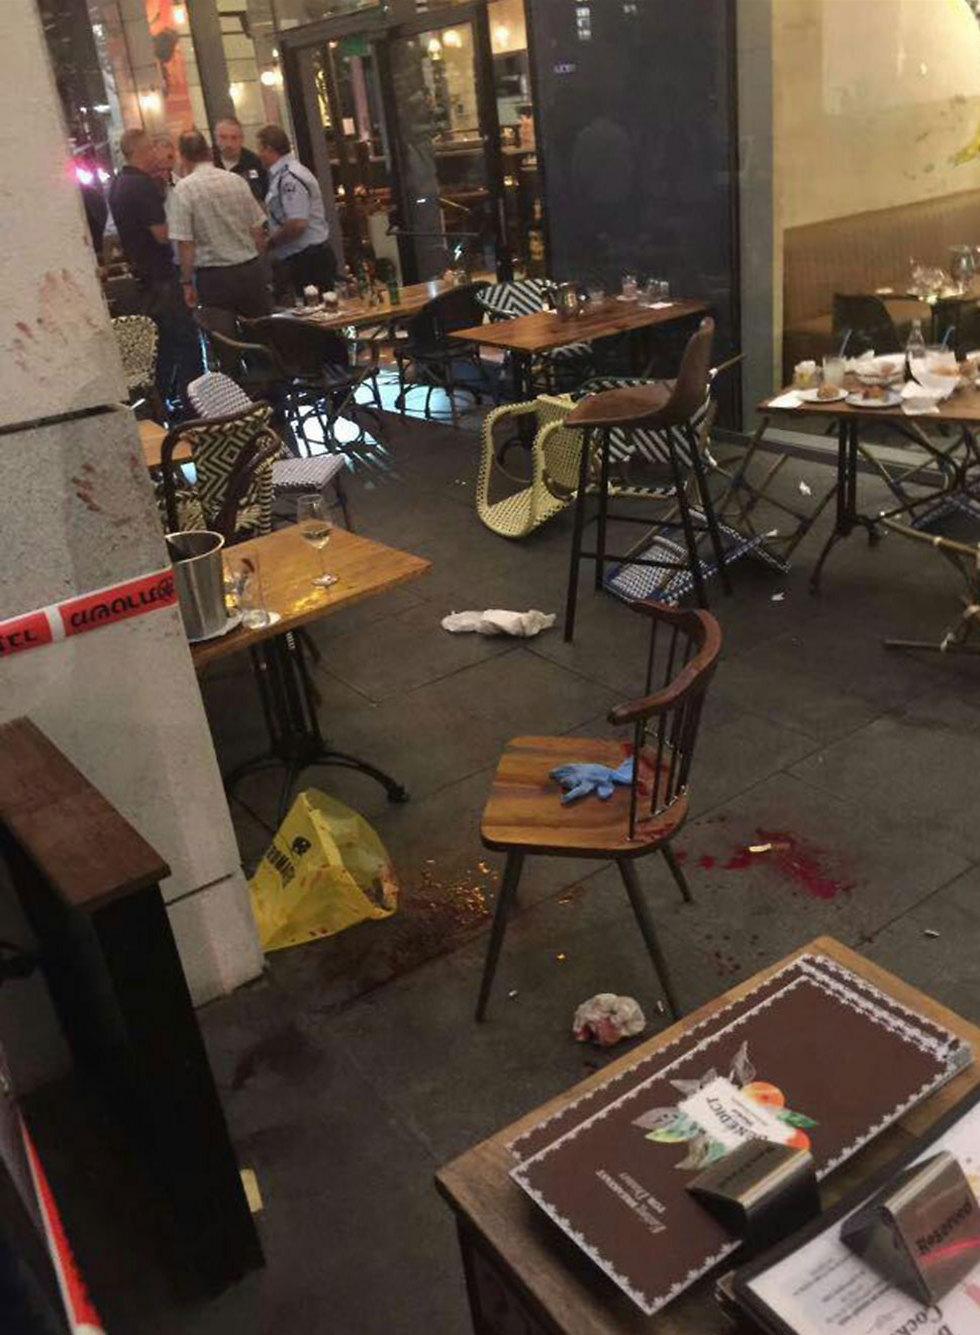 Blood at Benedict restaurant